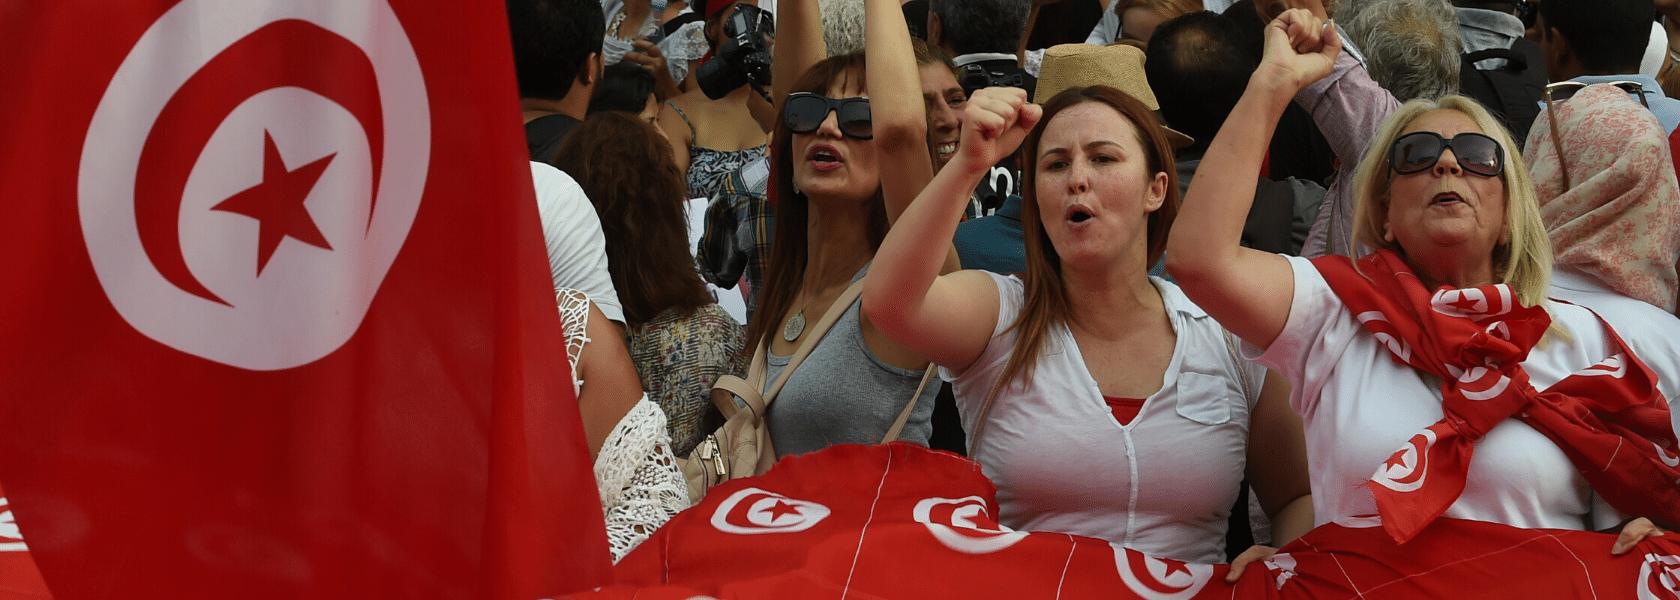 تونس: المجتمع المدني يتحرك من اجل المصادقة على مجلّة الحريّات الفرديّة